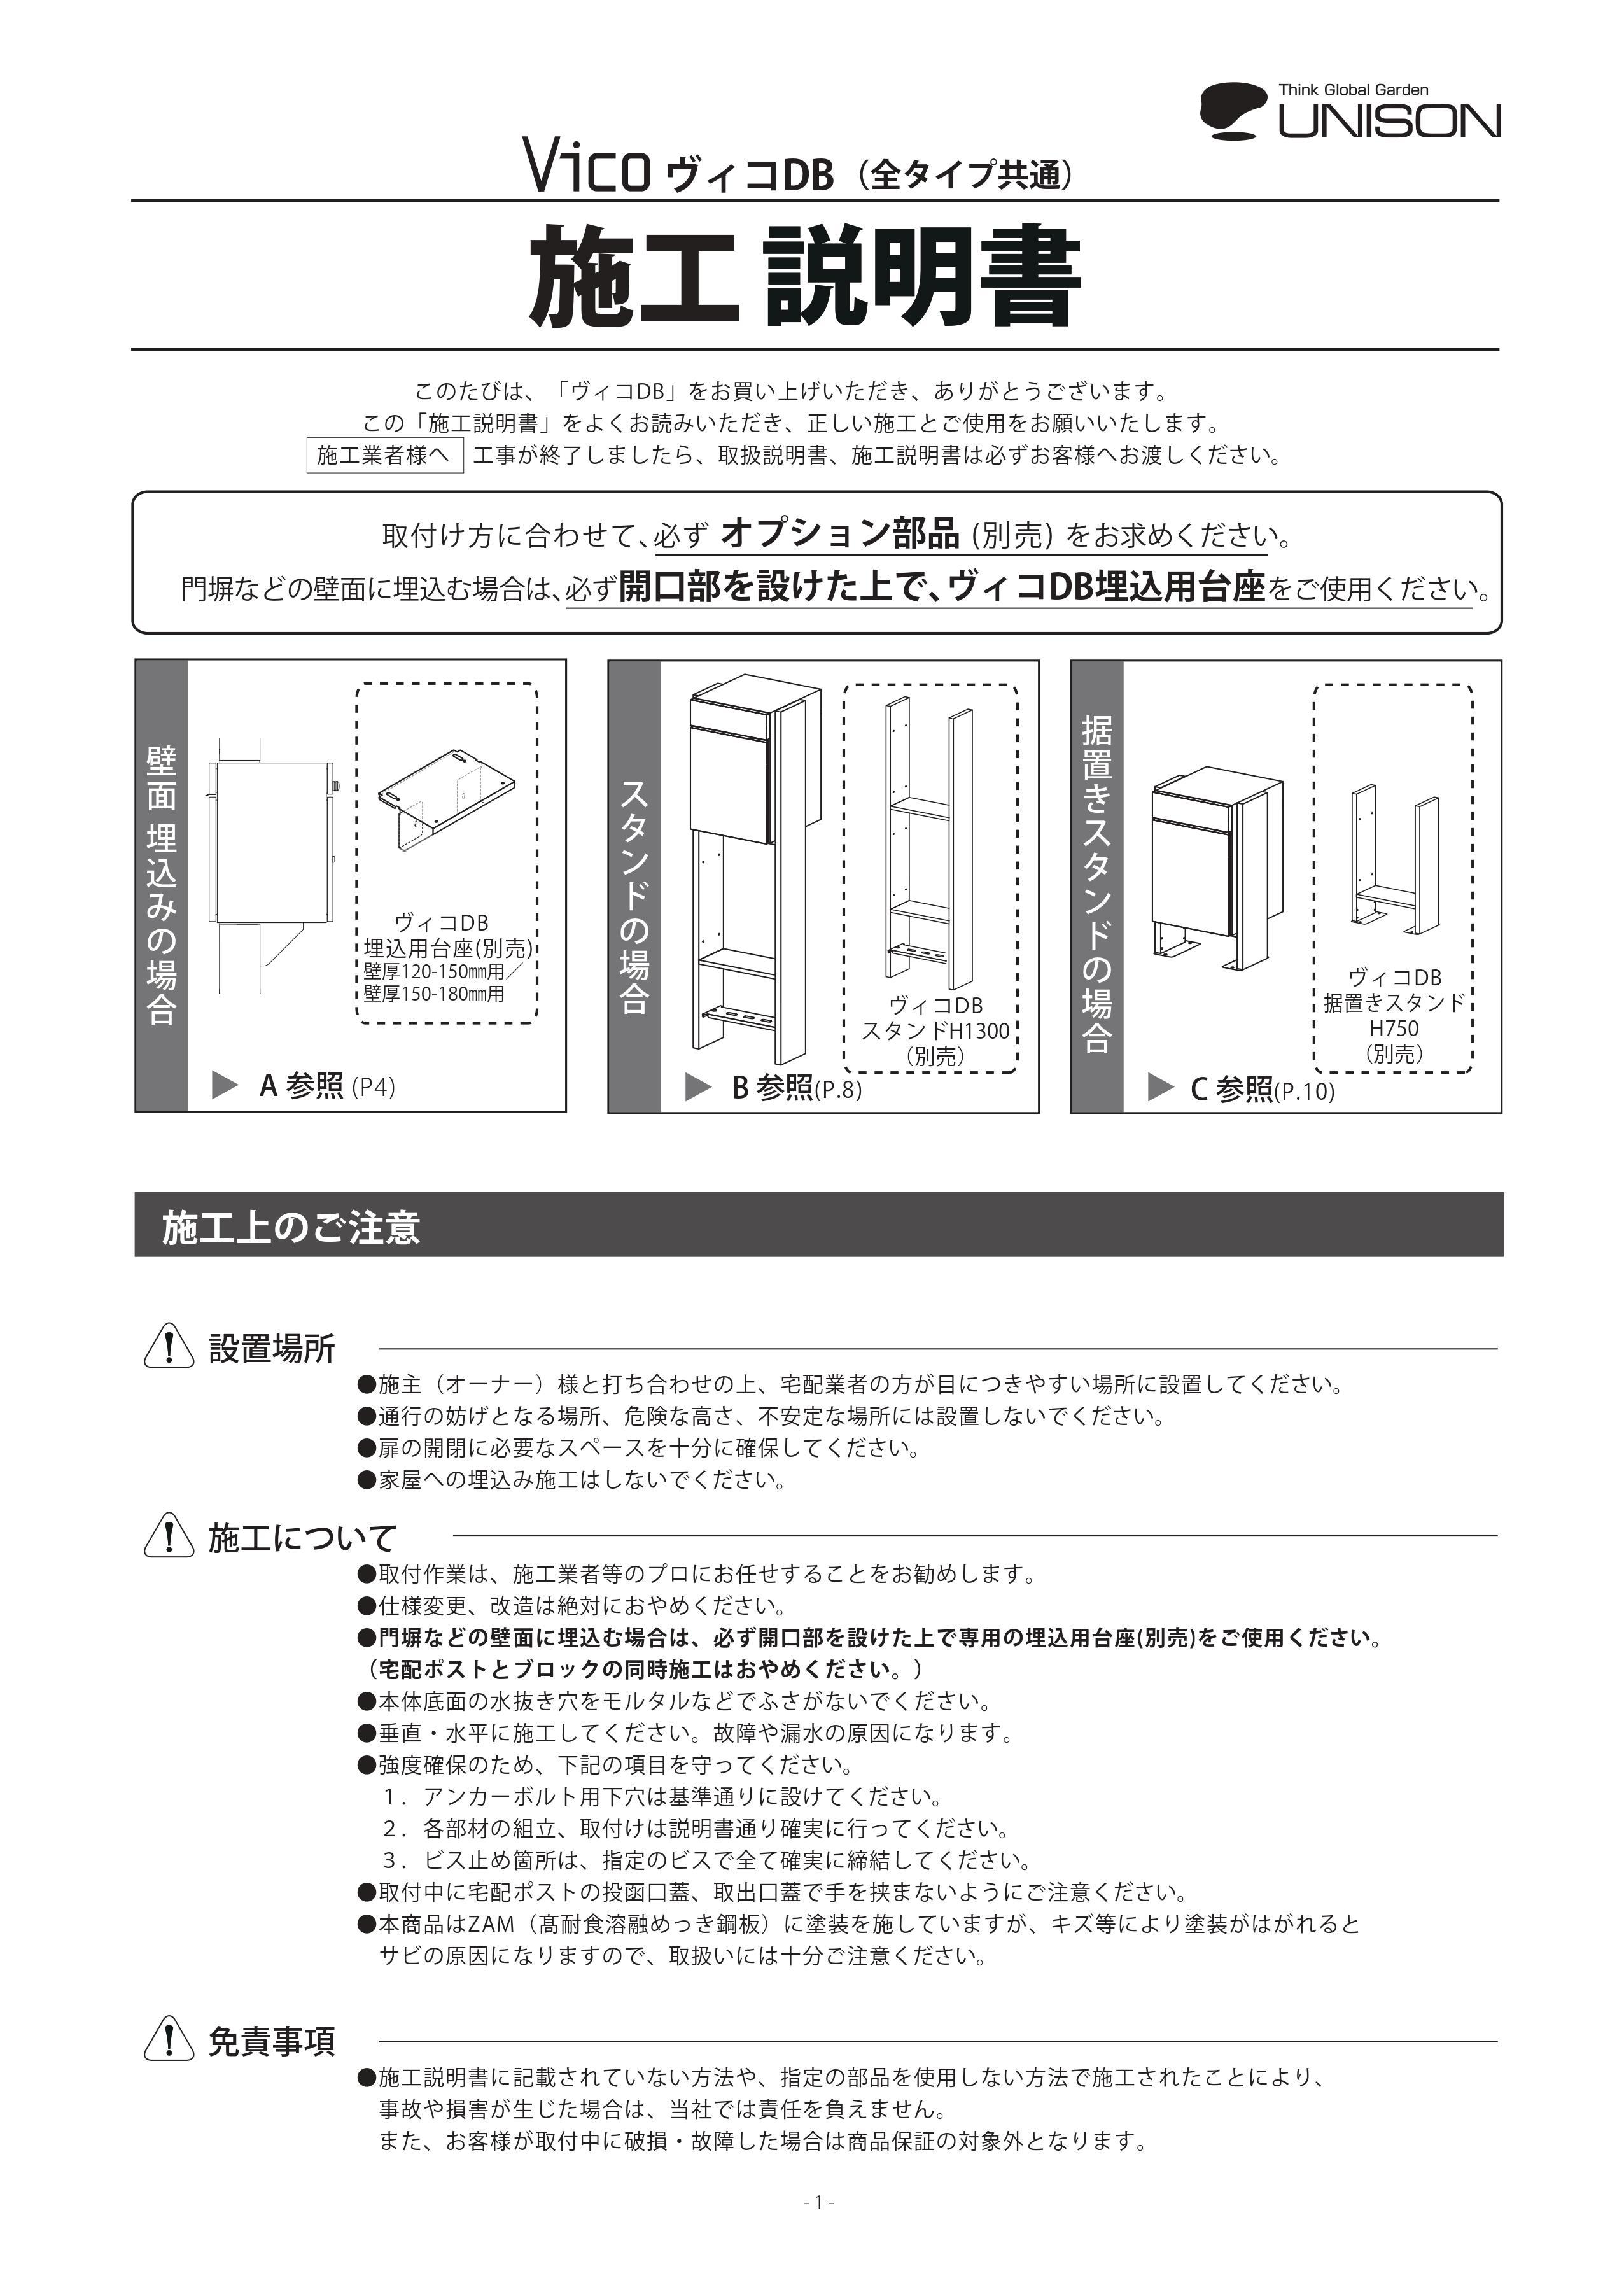 ヴィコDB埋込用台座_取扱説明書 (9)